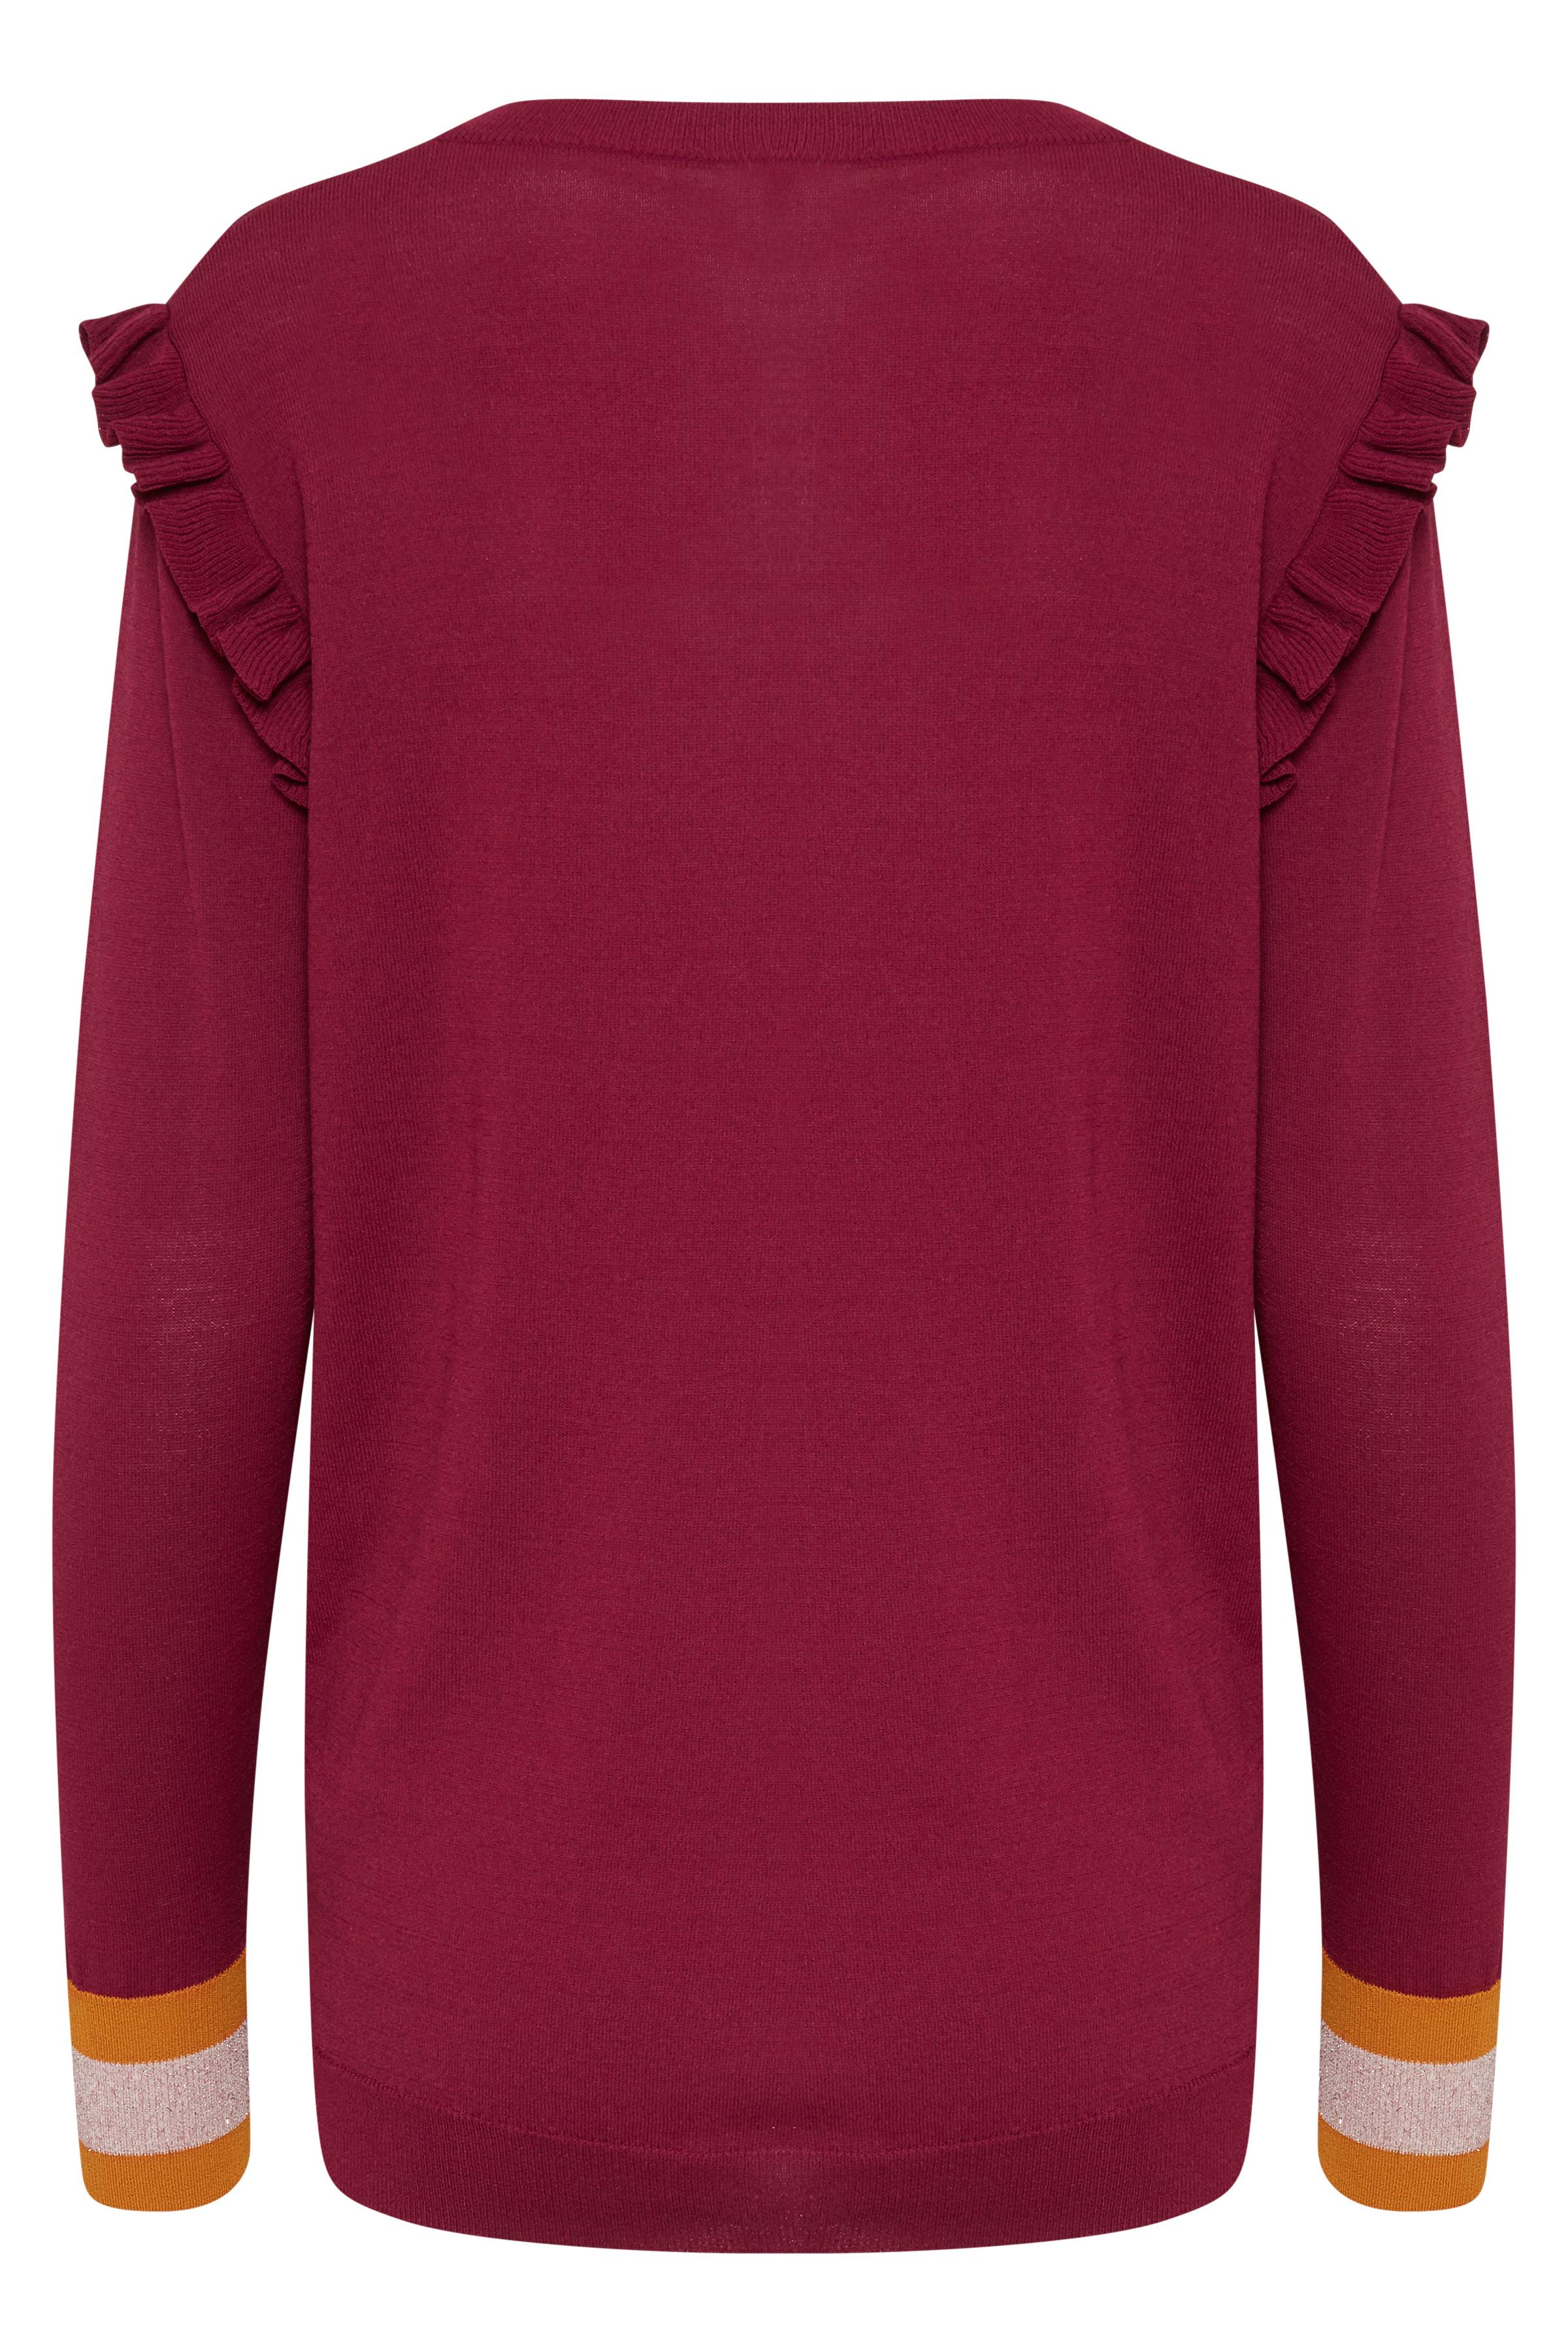 Mörkröd Stickad pullover från Dranella – Köp Mörkröd Stickad pullover från stl. XS-XXL här